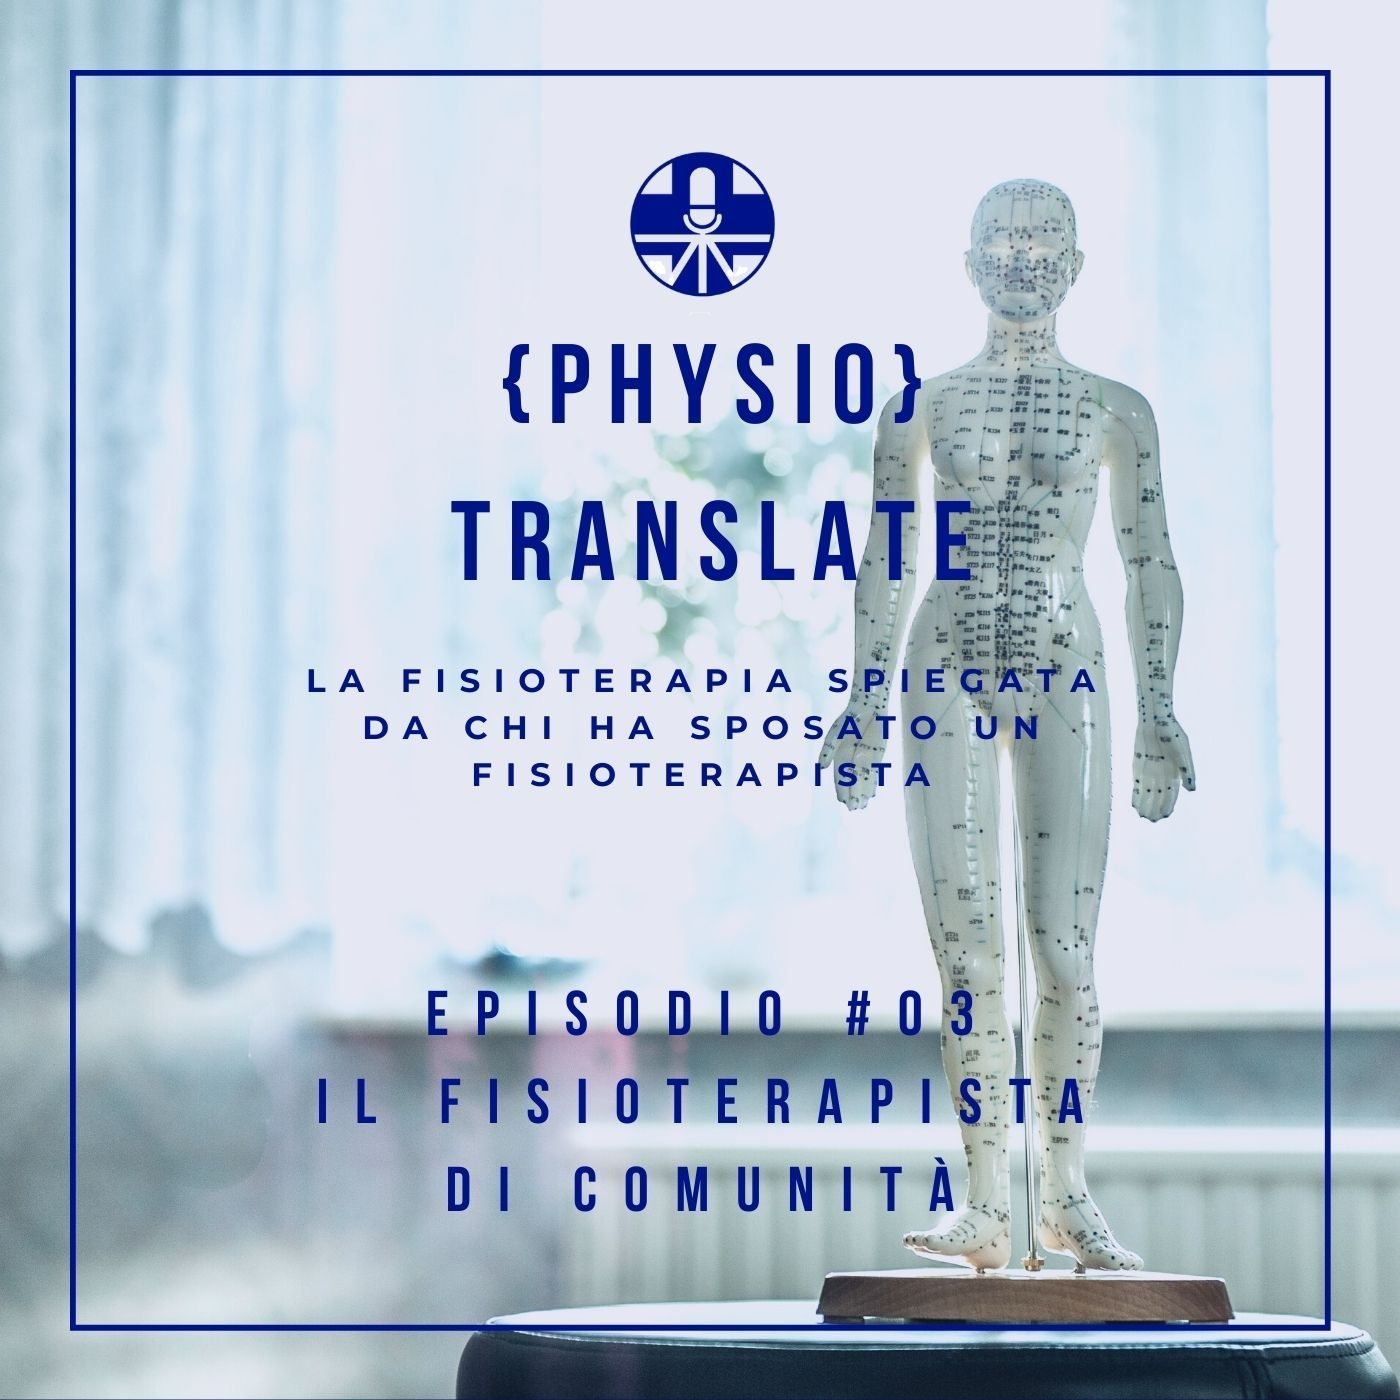 Il fisioterapista di comunità